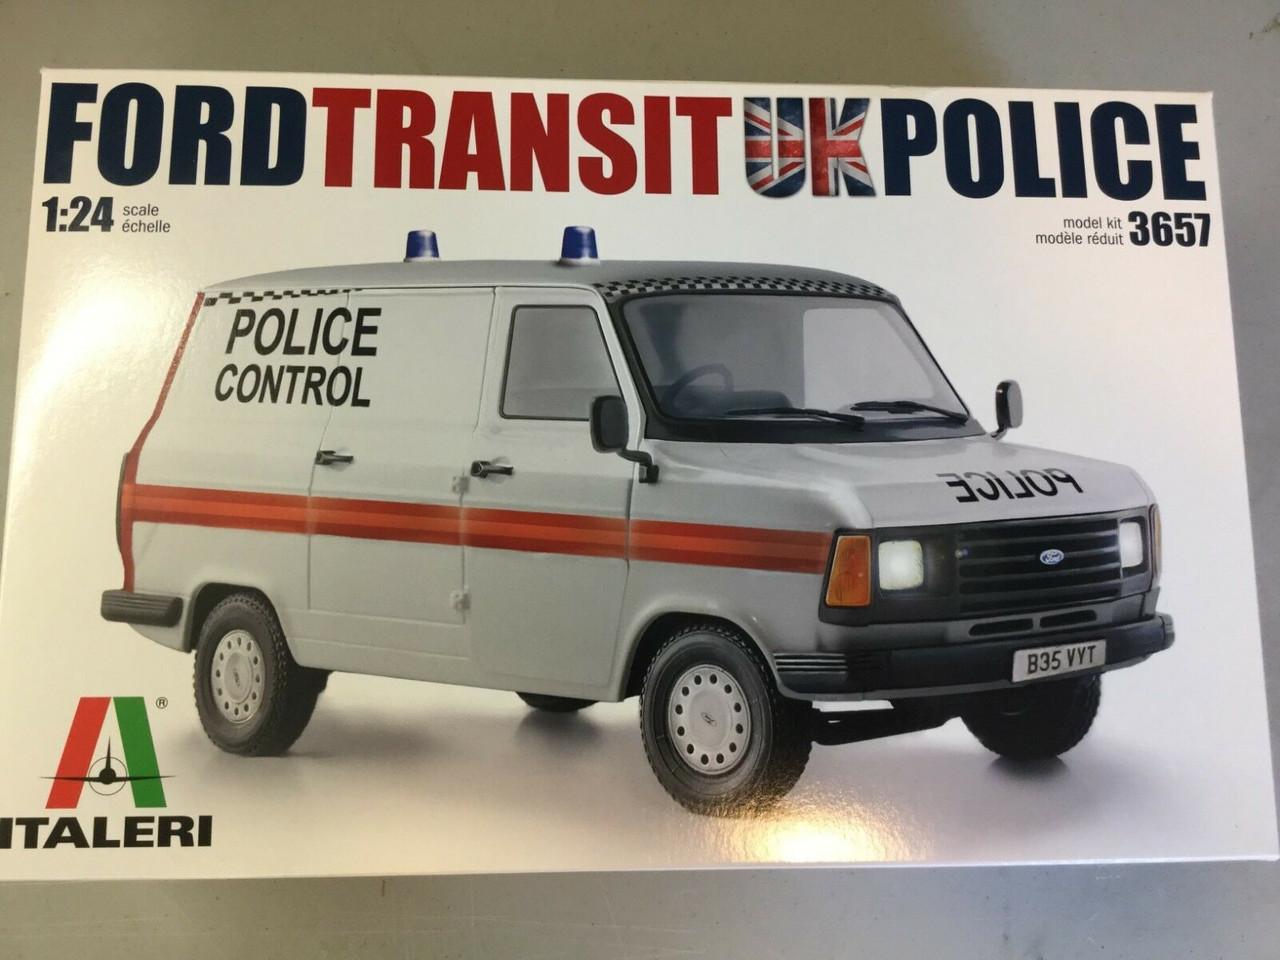 Italeri 1:24 3657 Ford Transit Mk.II Police Van Model Truck Kit